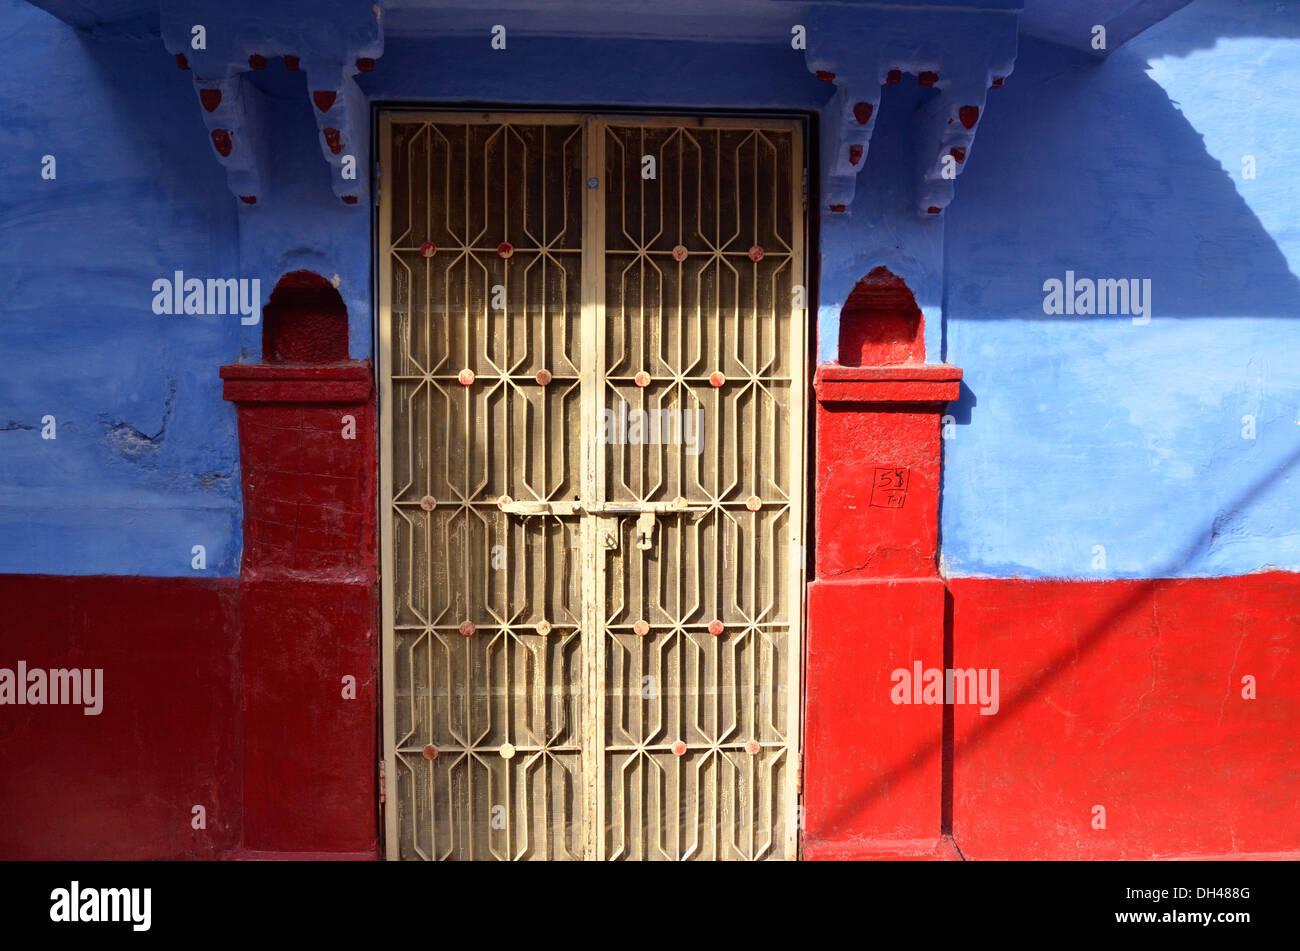 Chambre Jaune, murs bleu porte pilier rouge alcôve Jodhpur ...